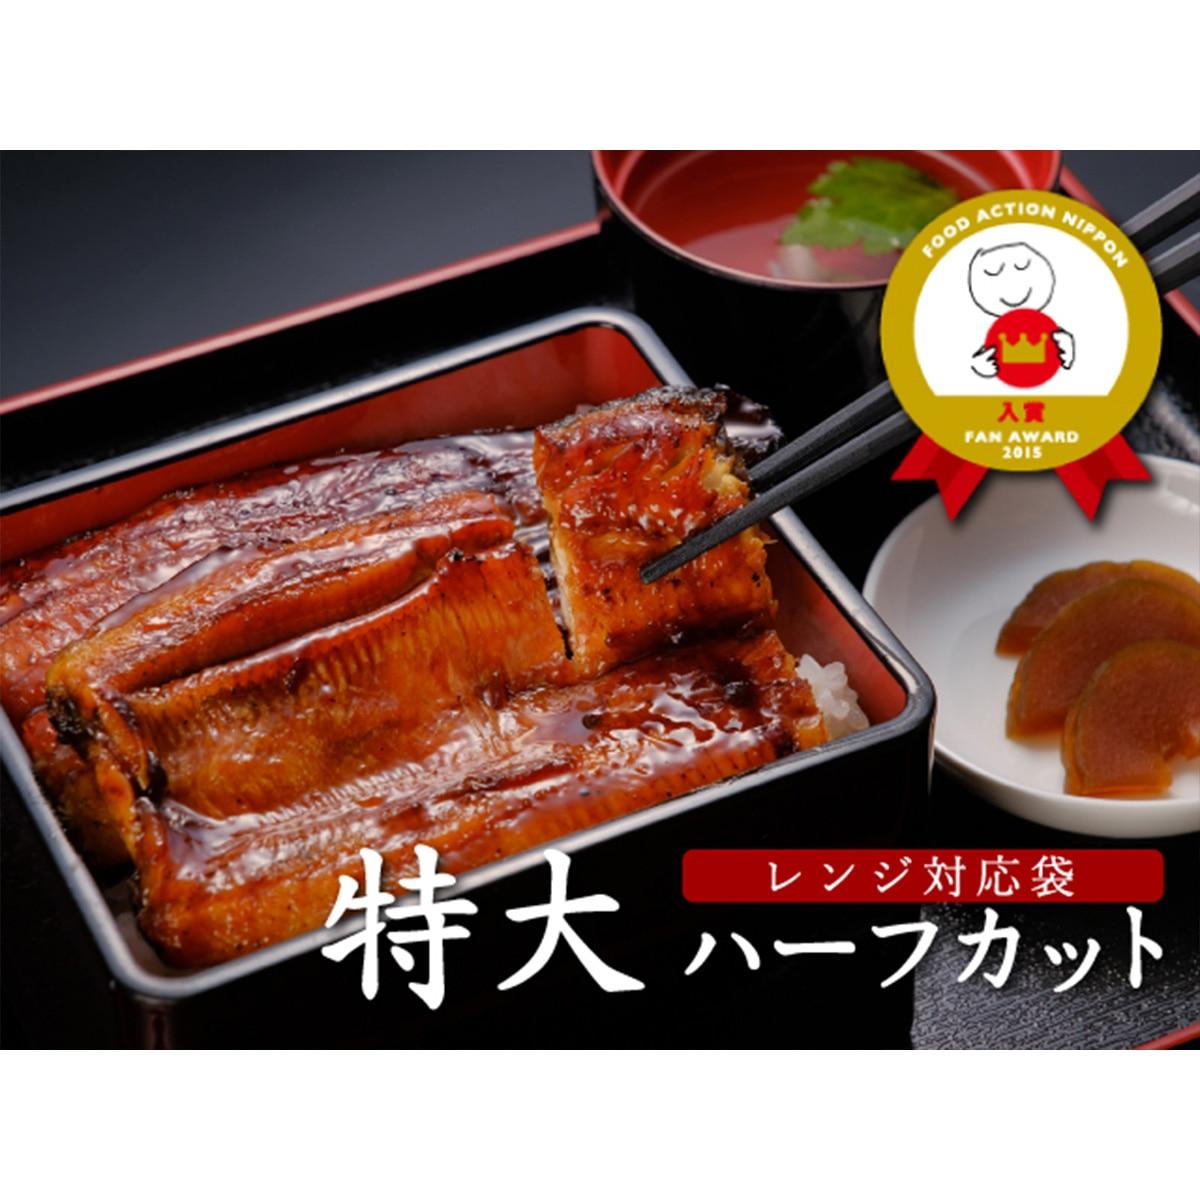 甲信食糧 温泉ワインうなぎ蒲焼 特大ハーフカット(約210g×2尾)